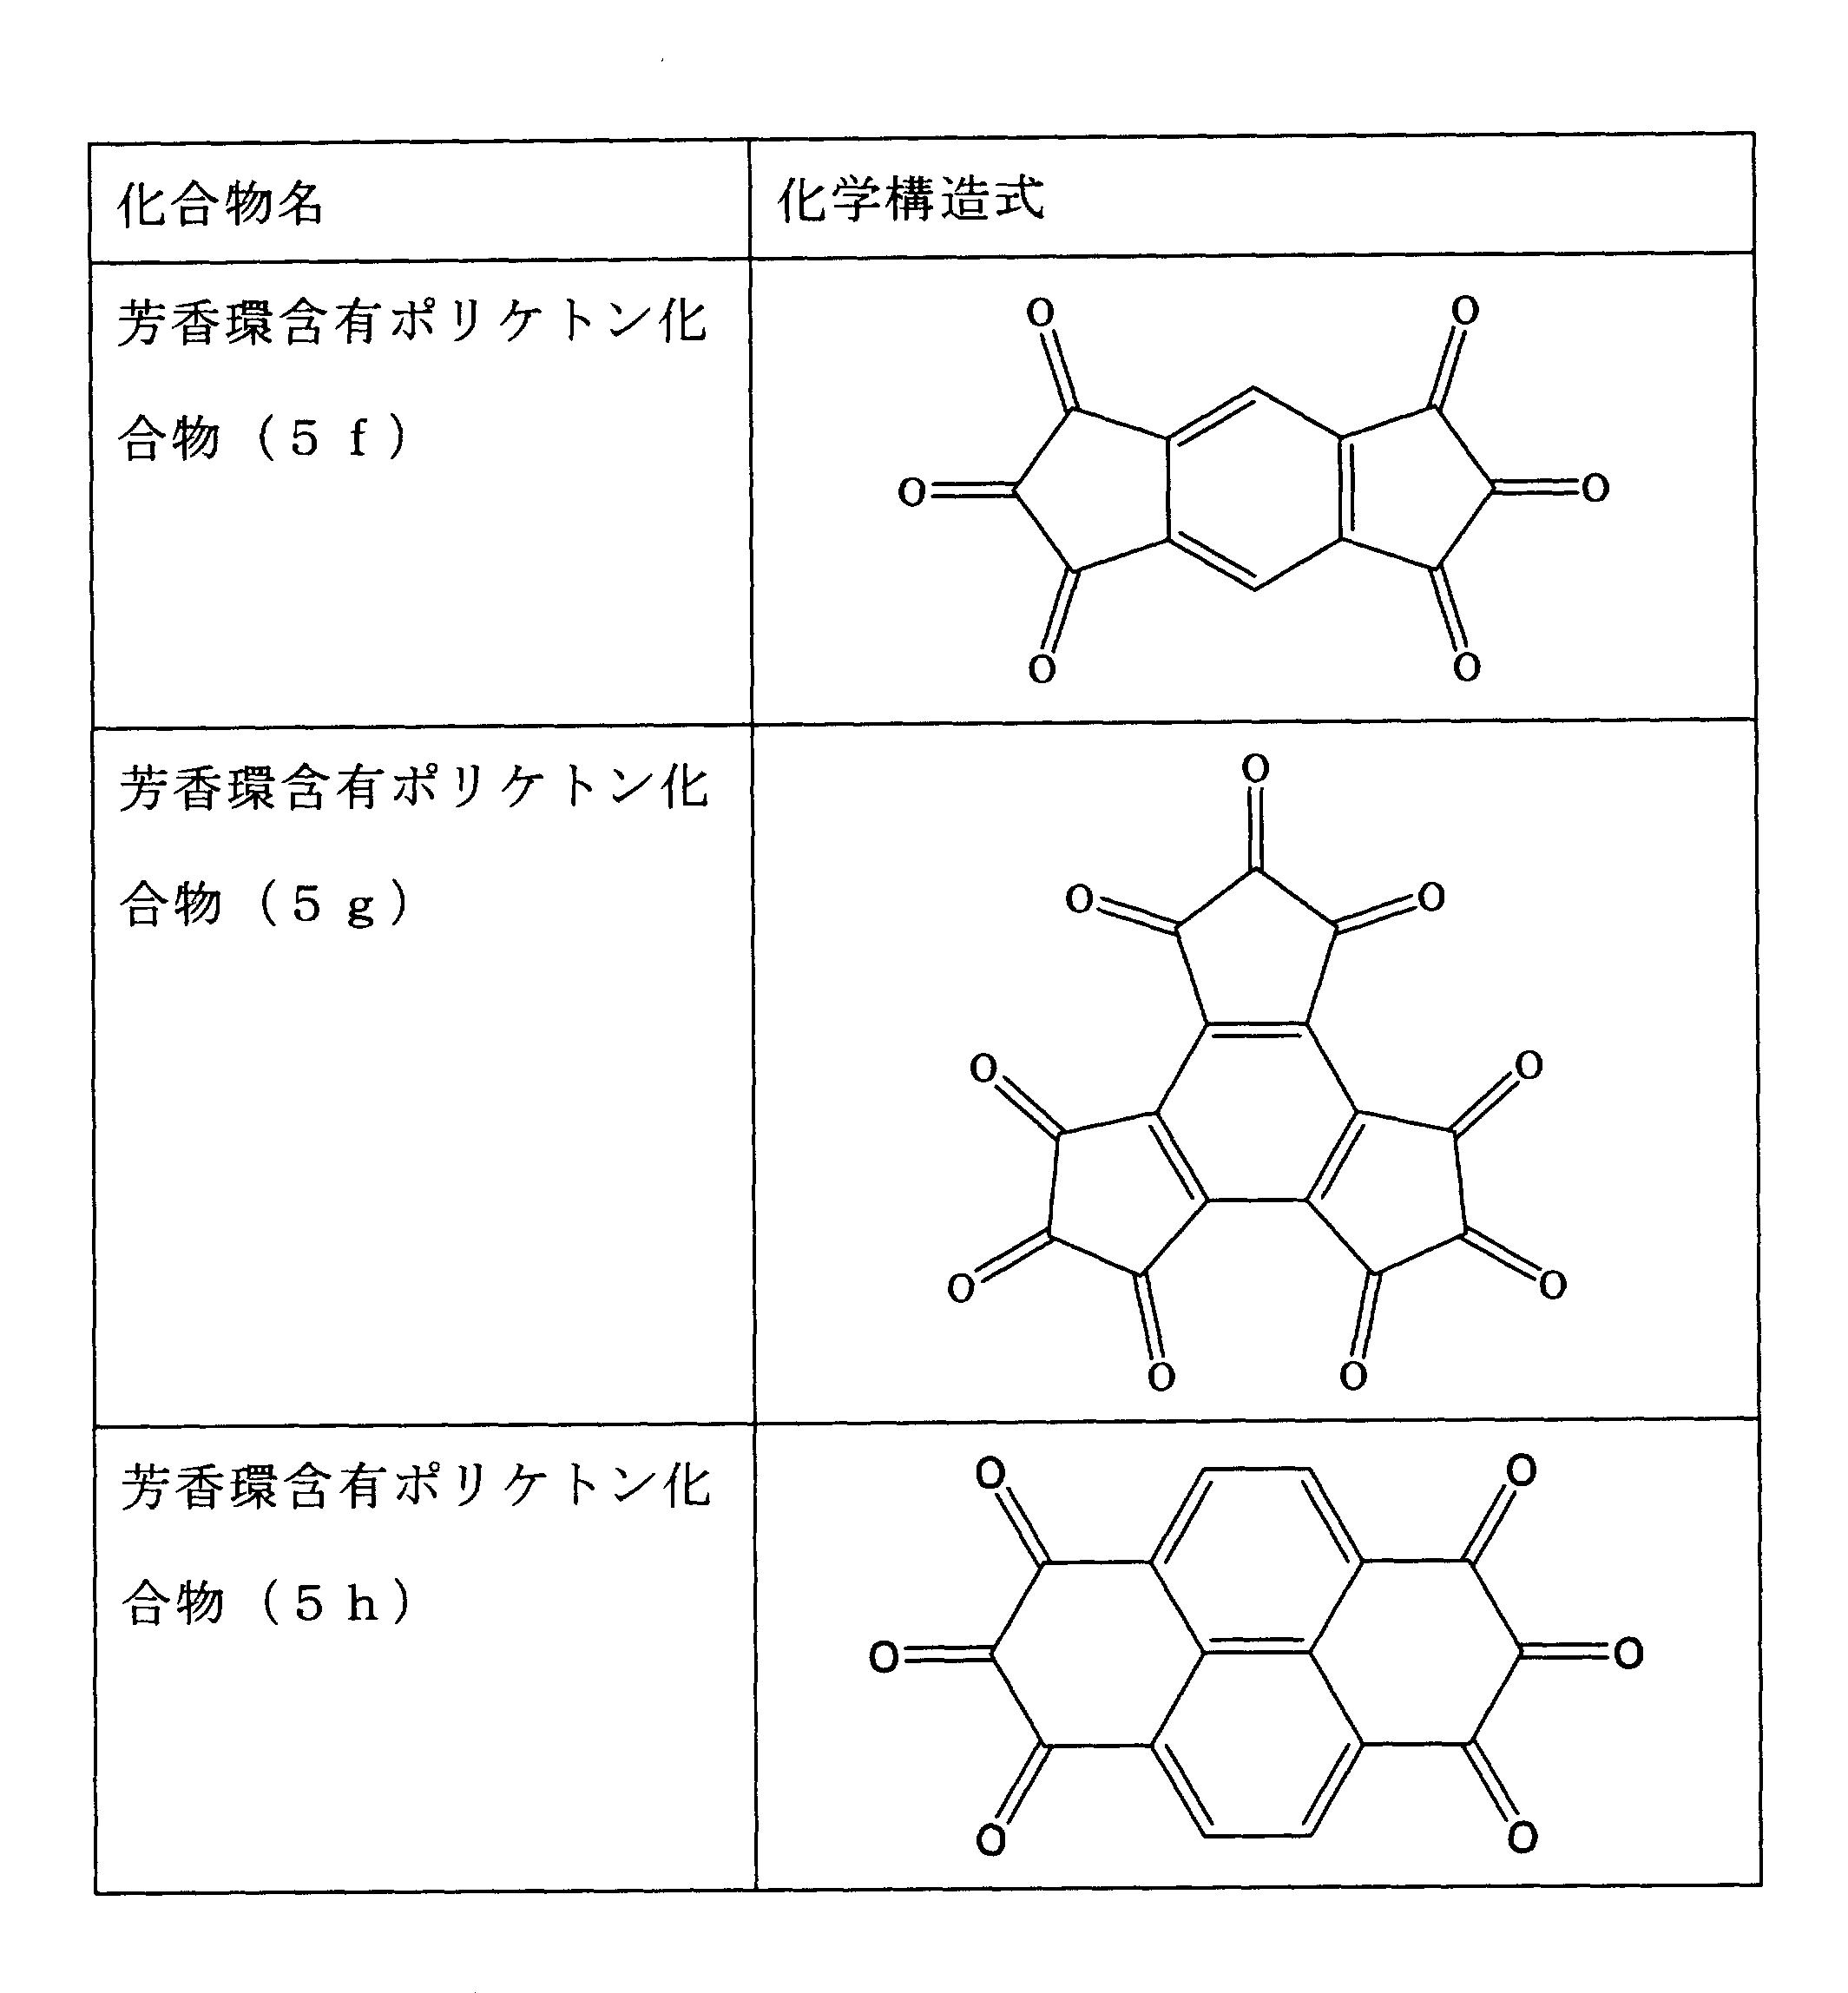 Δ集合環 - Delta-ring - JapaneseClass.jp